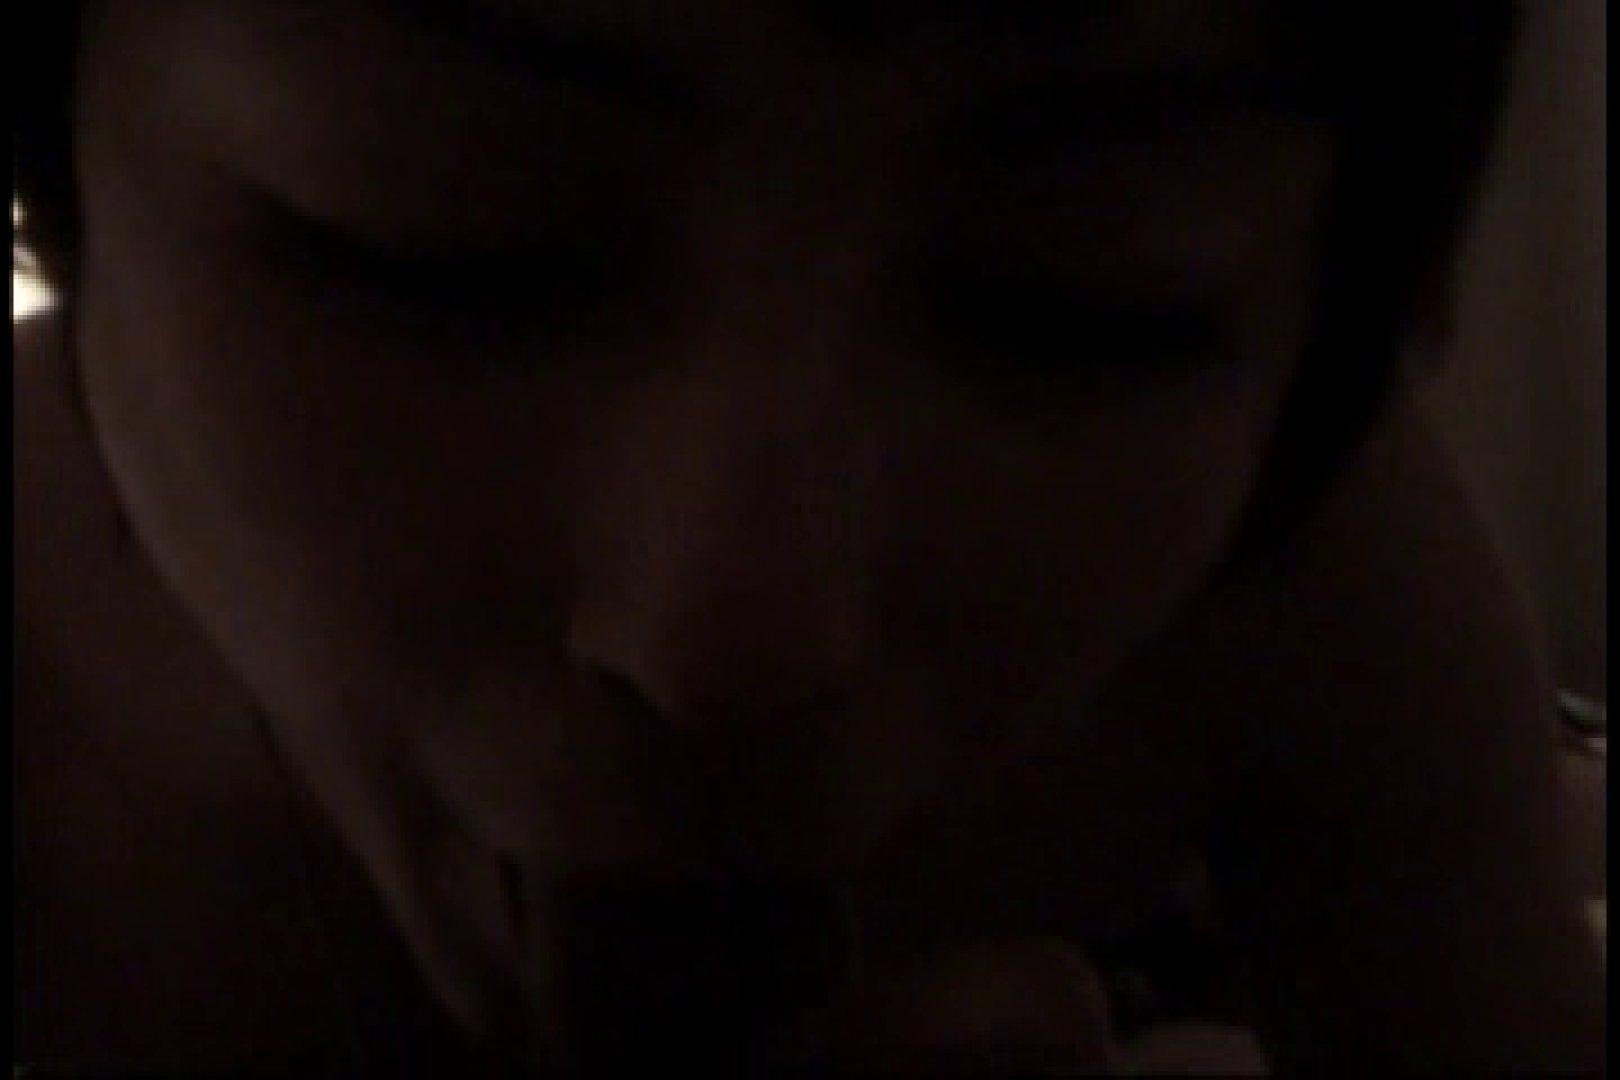 三ッ星シリーズ!!新春Special File 04 三ツ星盗撮 ゲイエロ画像 100pic 27